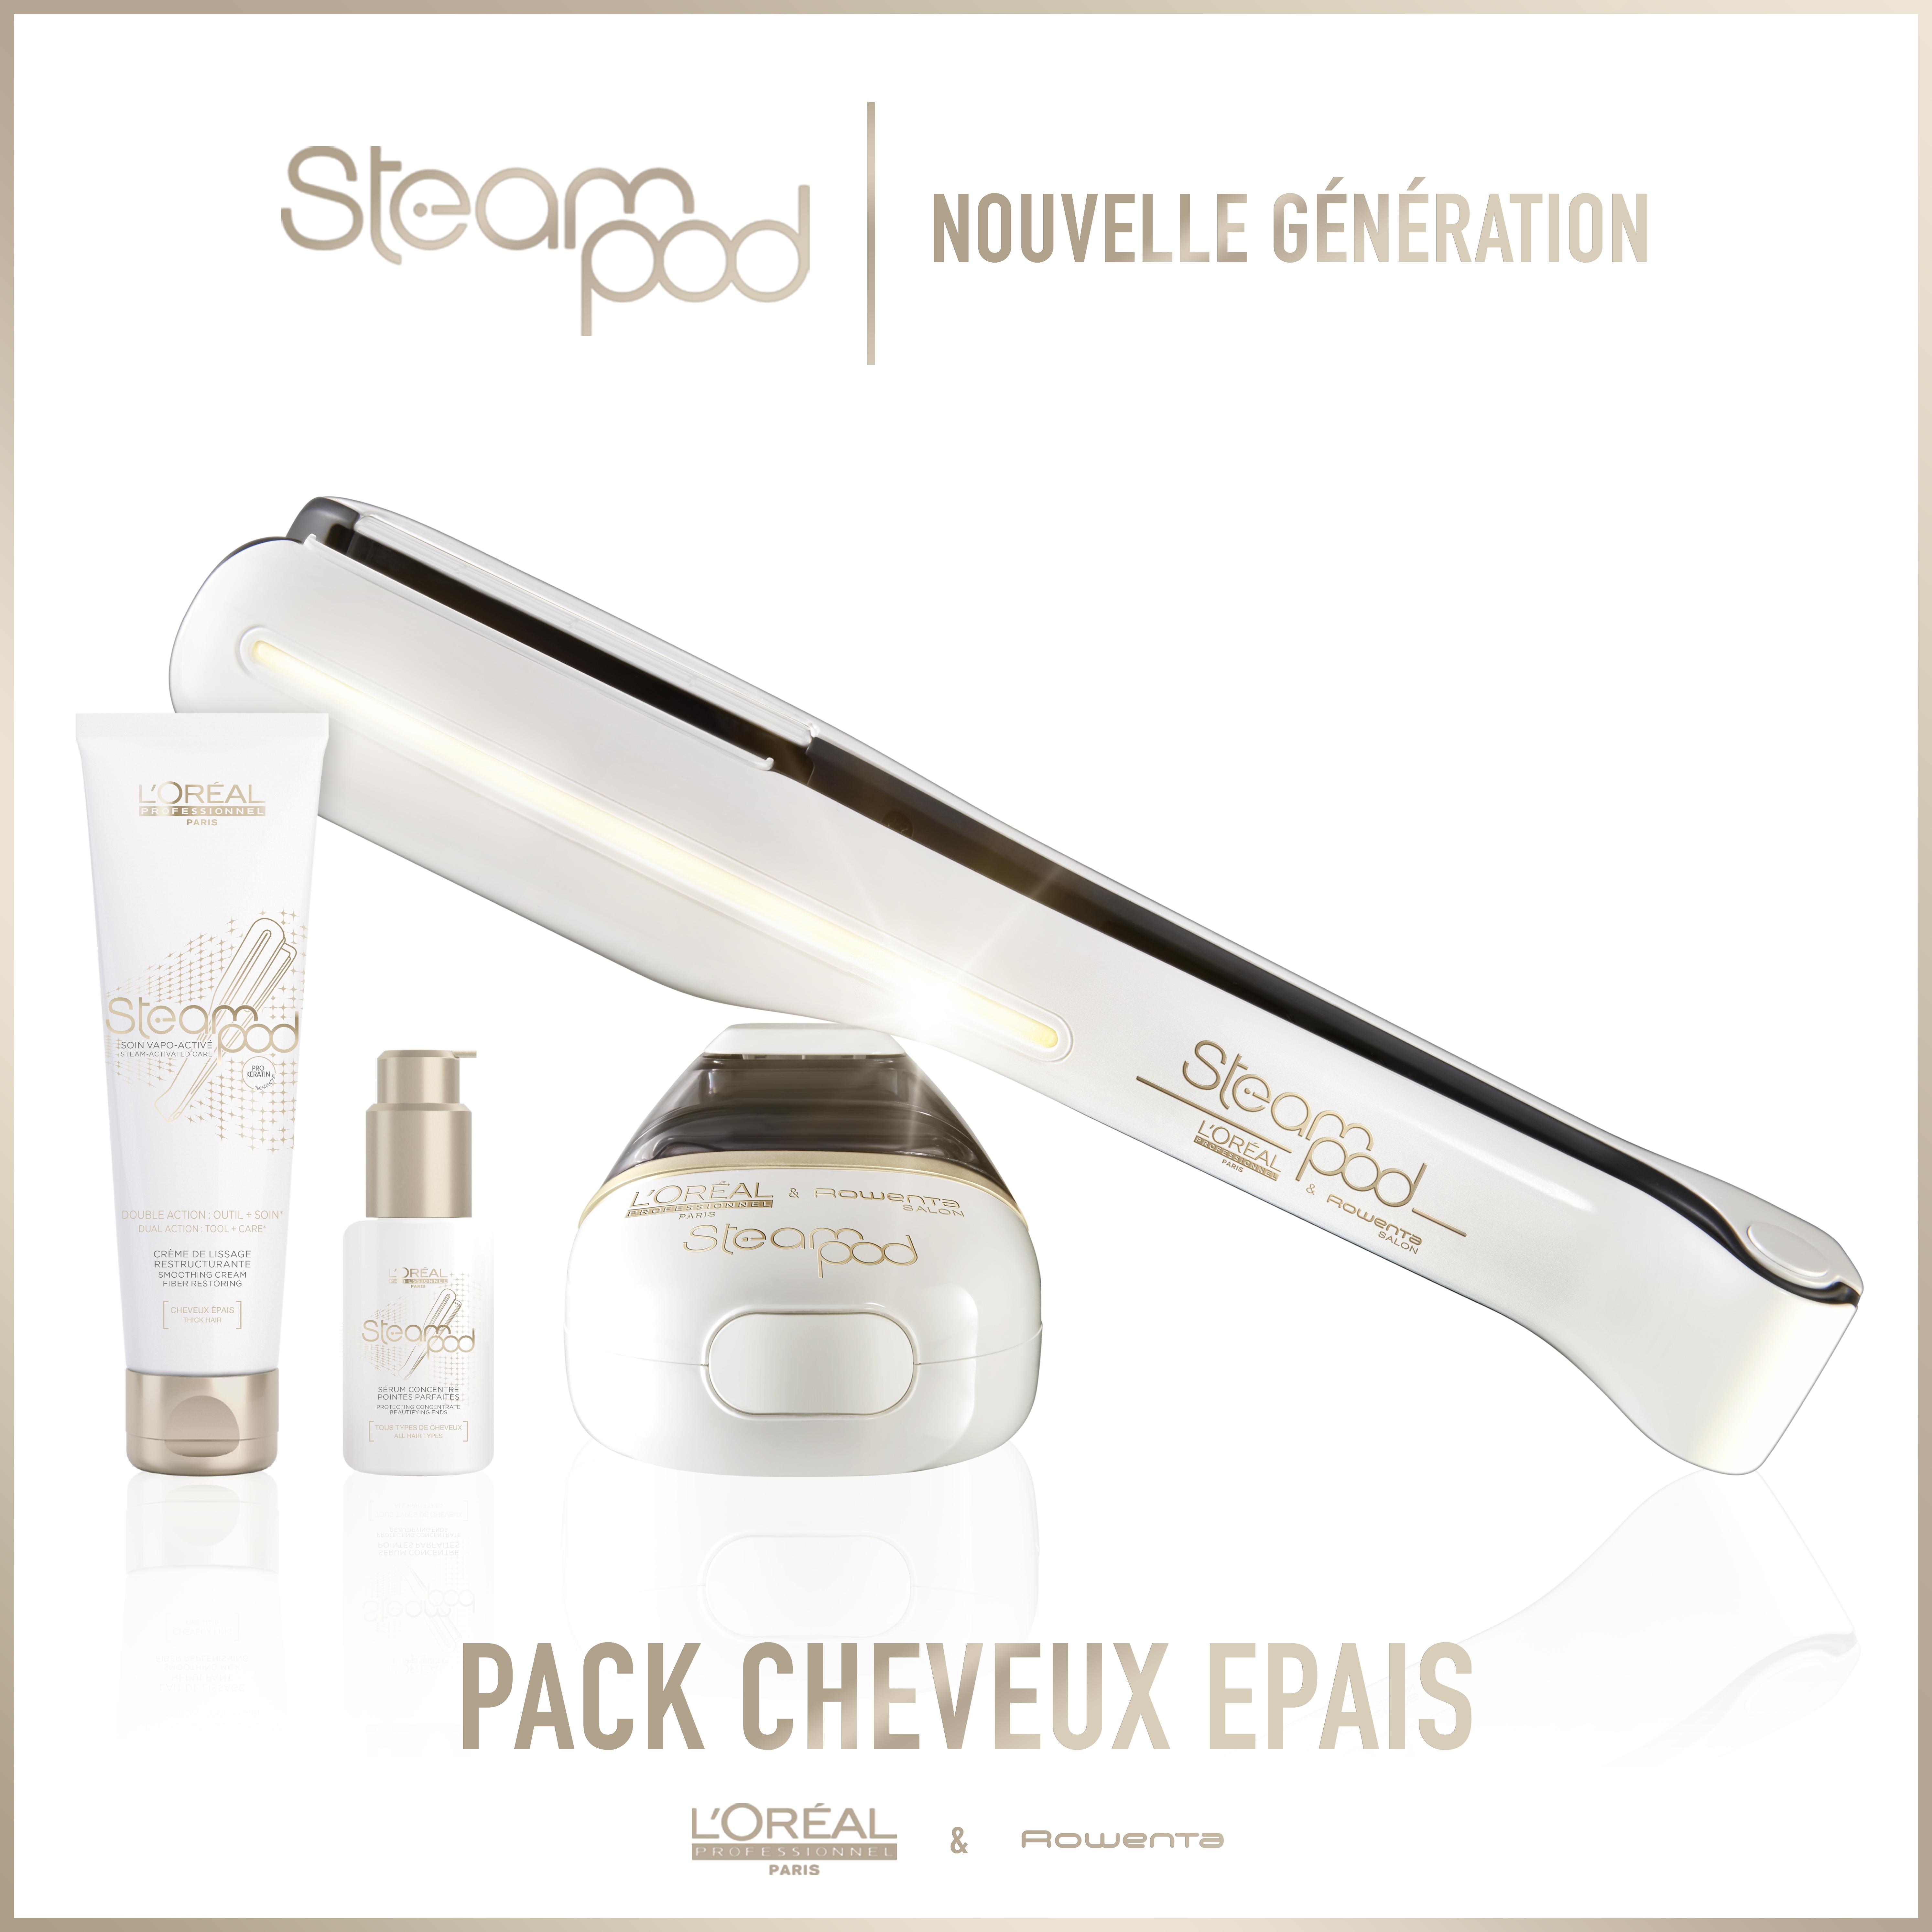 Pack Steampod 2.0 - fer à lisser vapeur nouvelle génération + Sérum + Lait crème de lissage cheveux épais